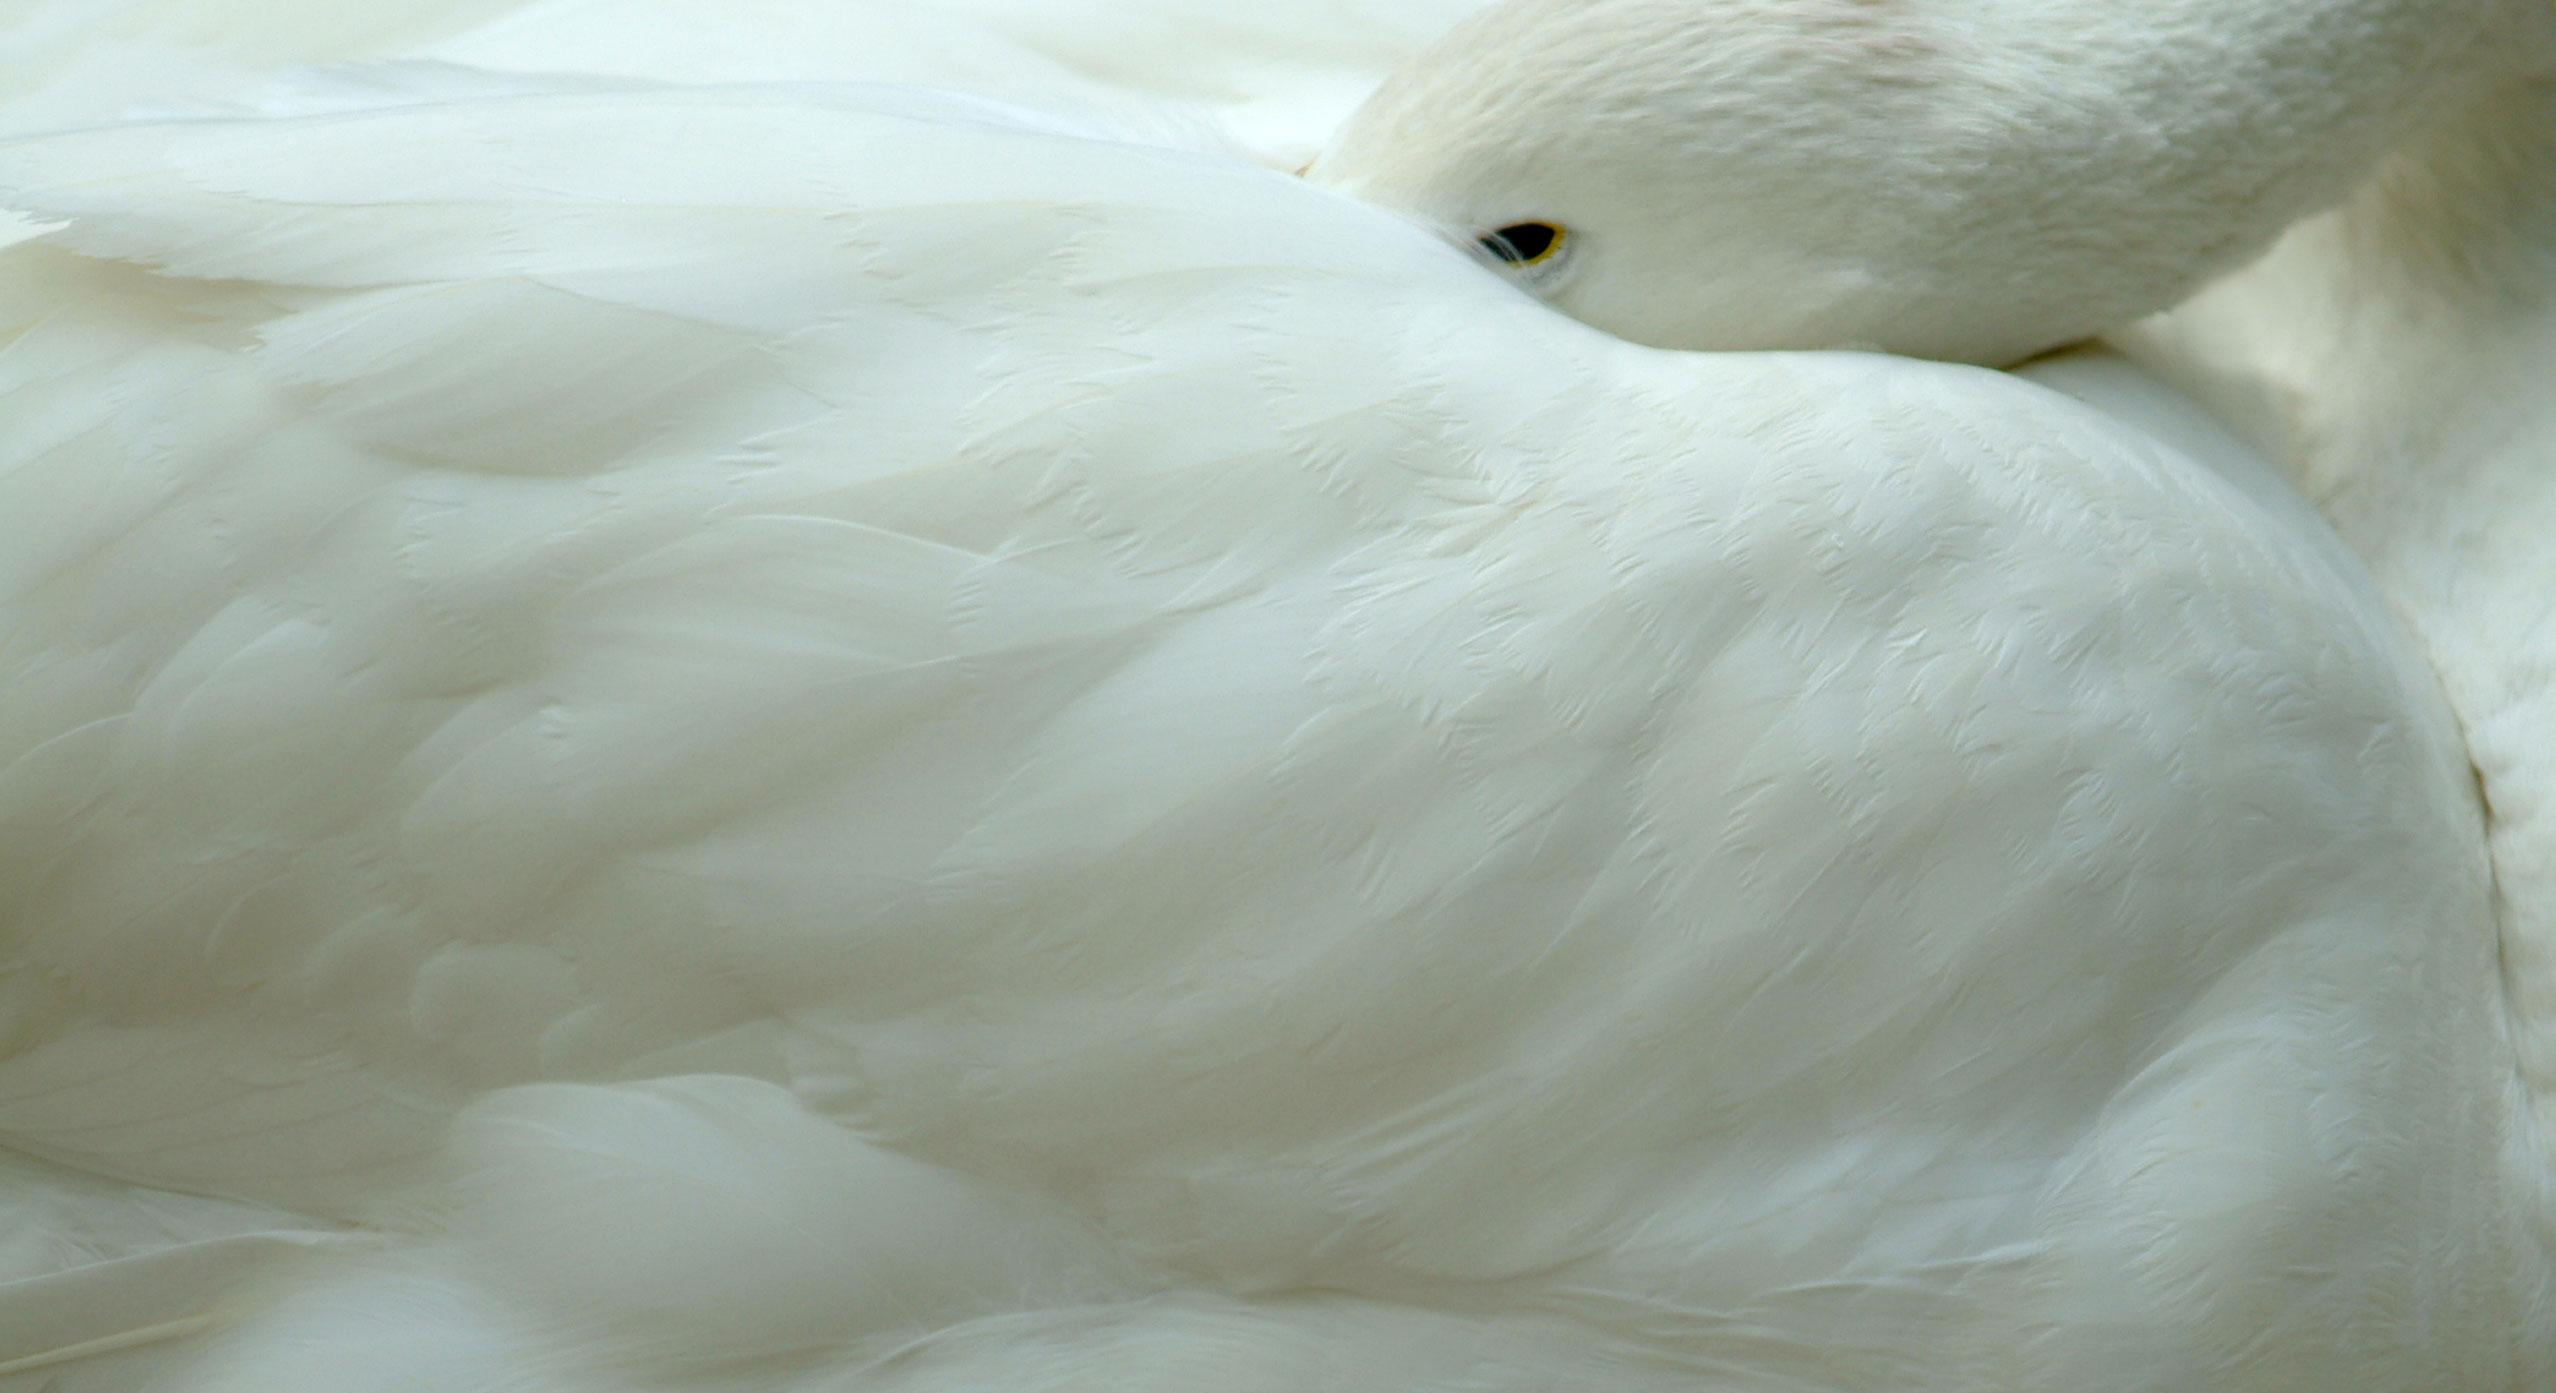 swans-eye